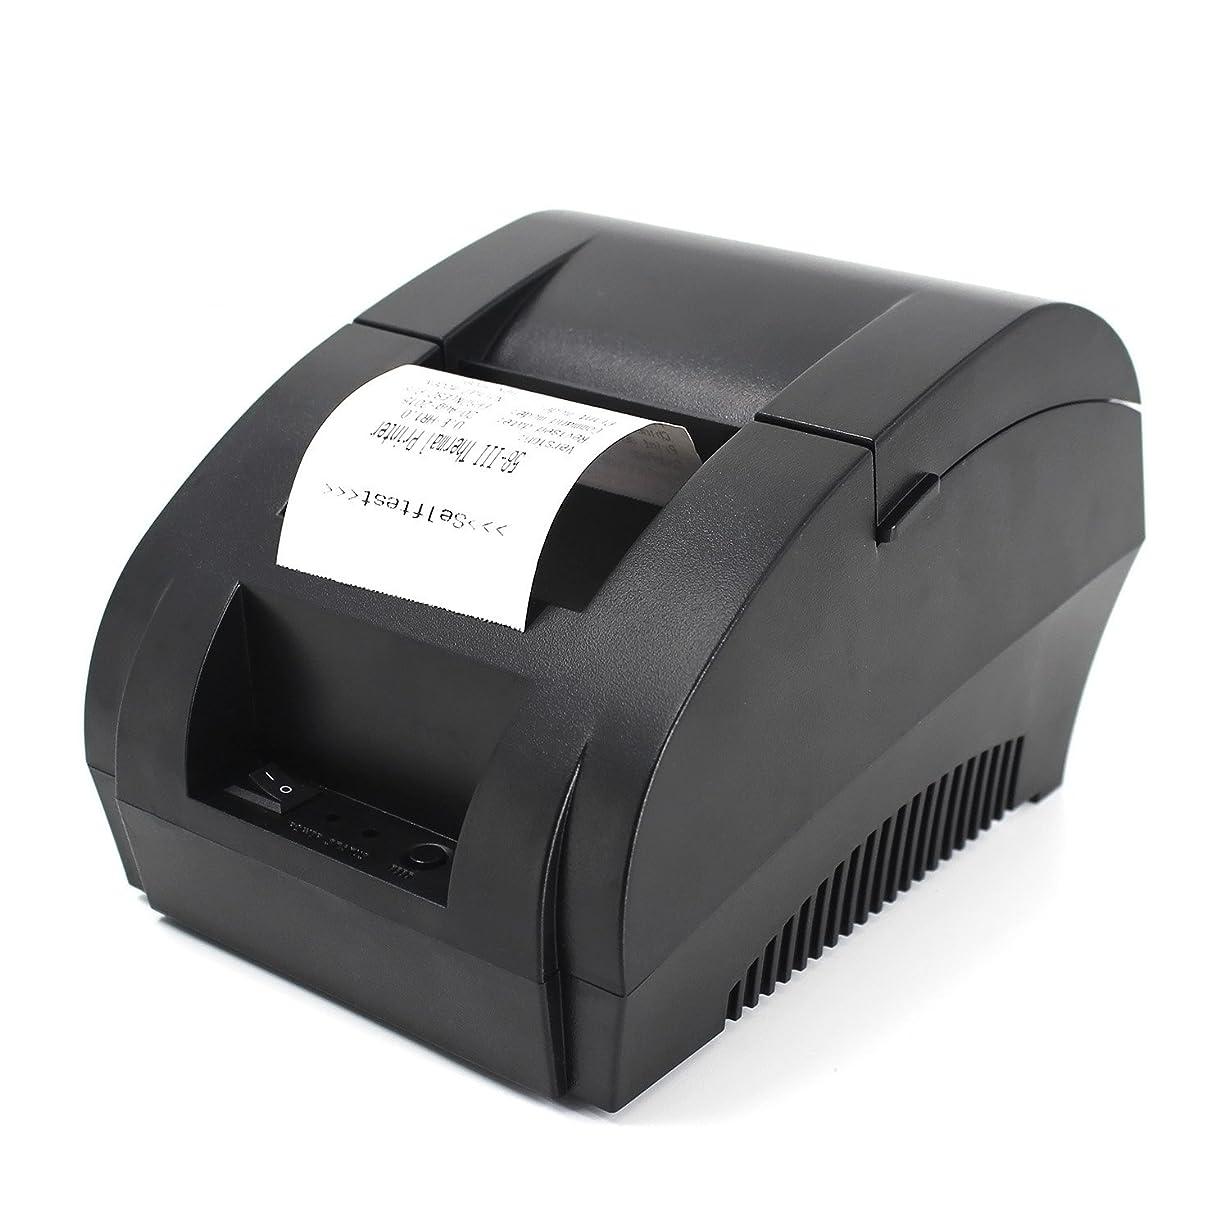 スケート時計回り紳士気取りの、きざなサーマルプリンター Bluetooth スマホ対応プリンター 超小型 軽量 便携式 iOS Android対応 ノートプリント 手帳 写真?リスト?ラベル印刷 学生/友たち/家族プレゼントなどに適用 専用アプリ 印刷用感熱紙付き 詳しい日本語+英語+中国語取扱説明書 指導ビデオもあり